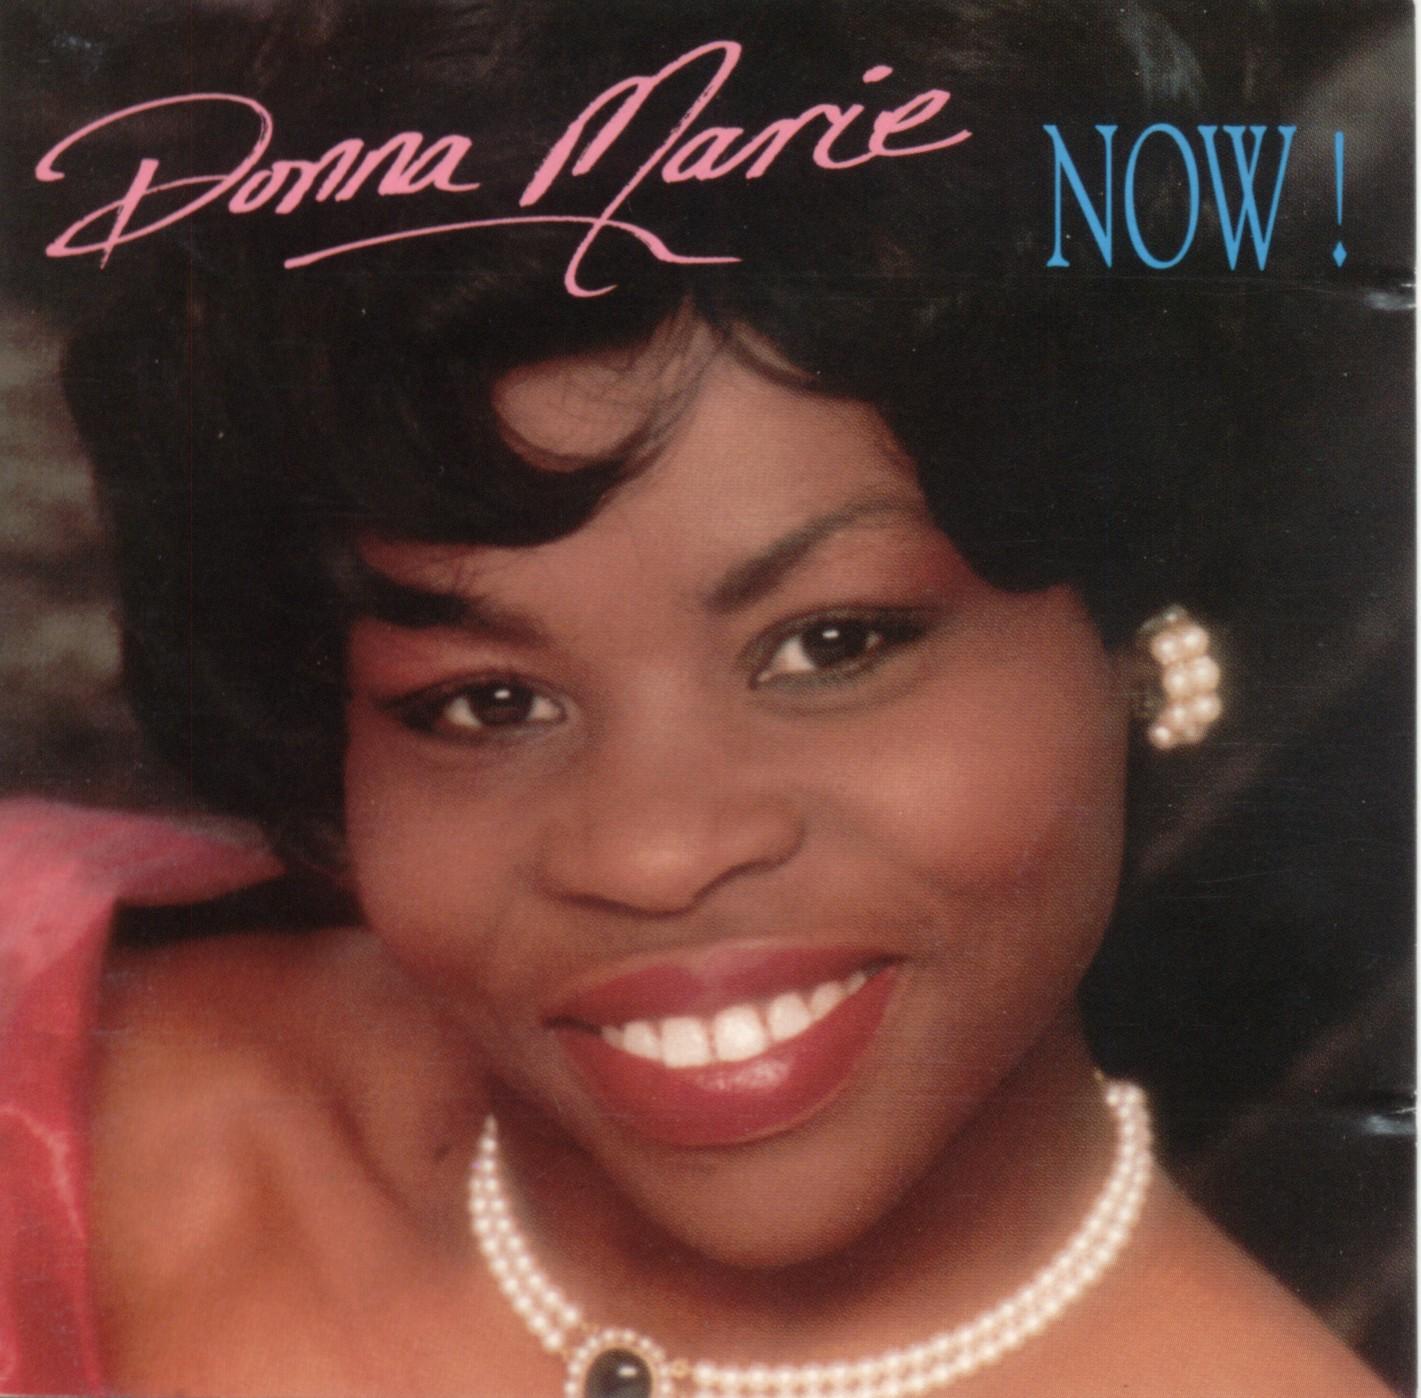 Compartilhandoreggae blogspot com: Donna Marie